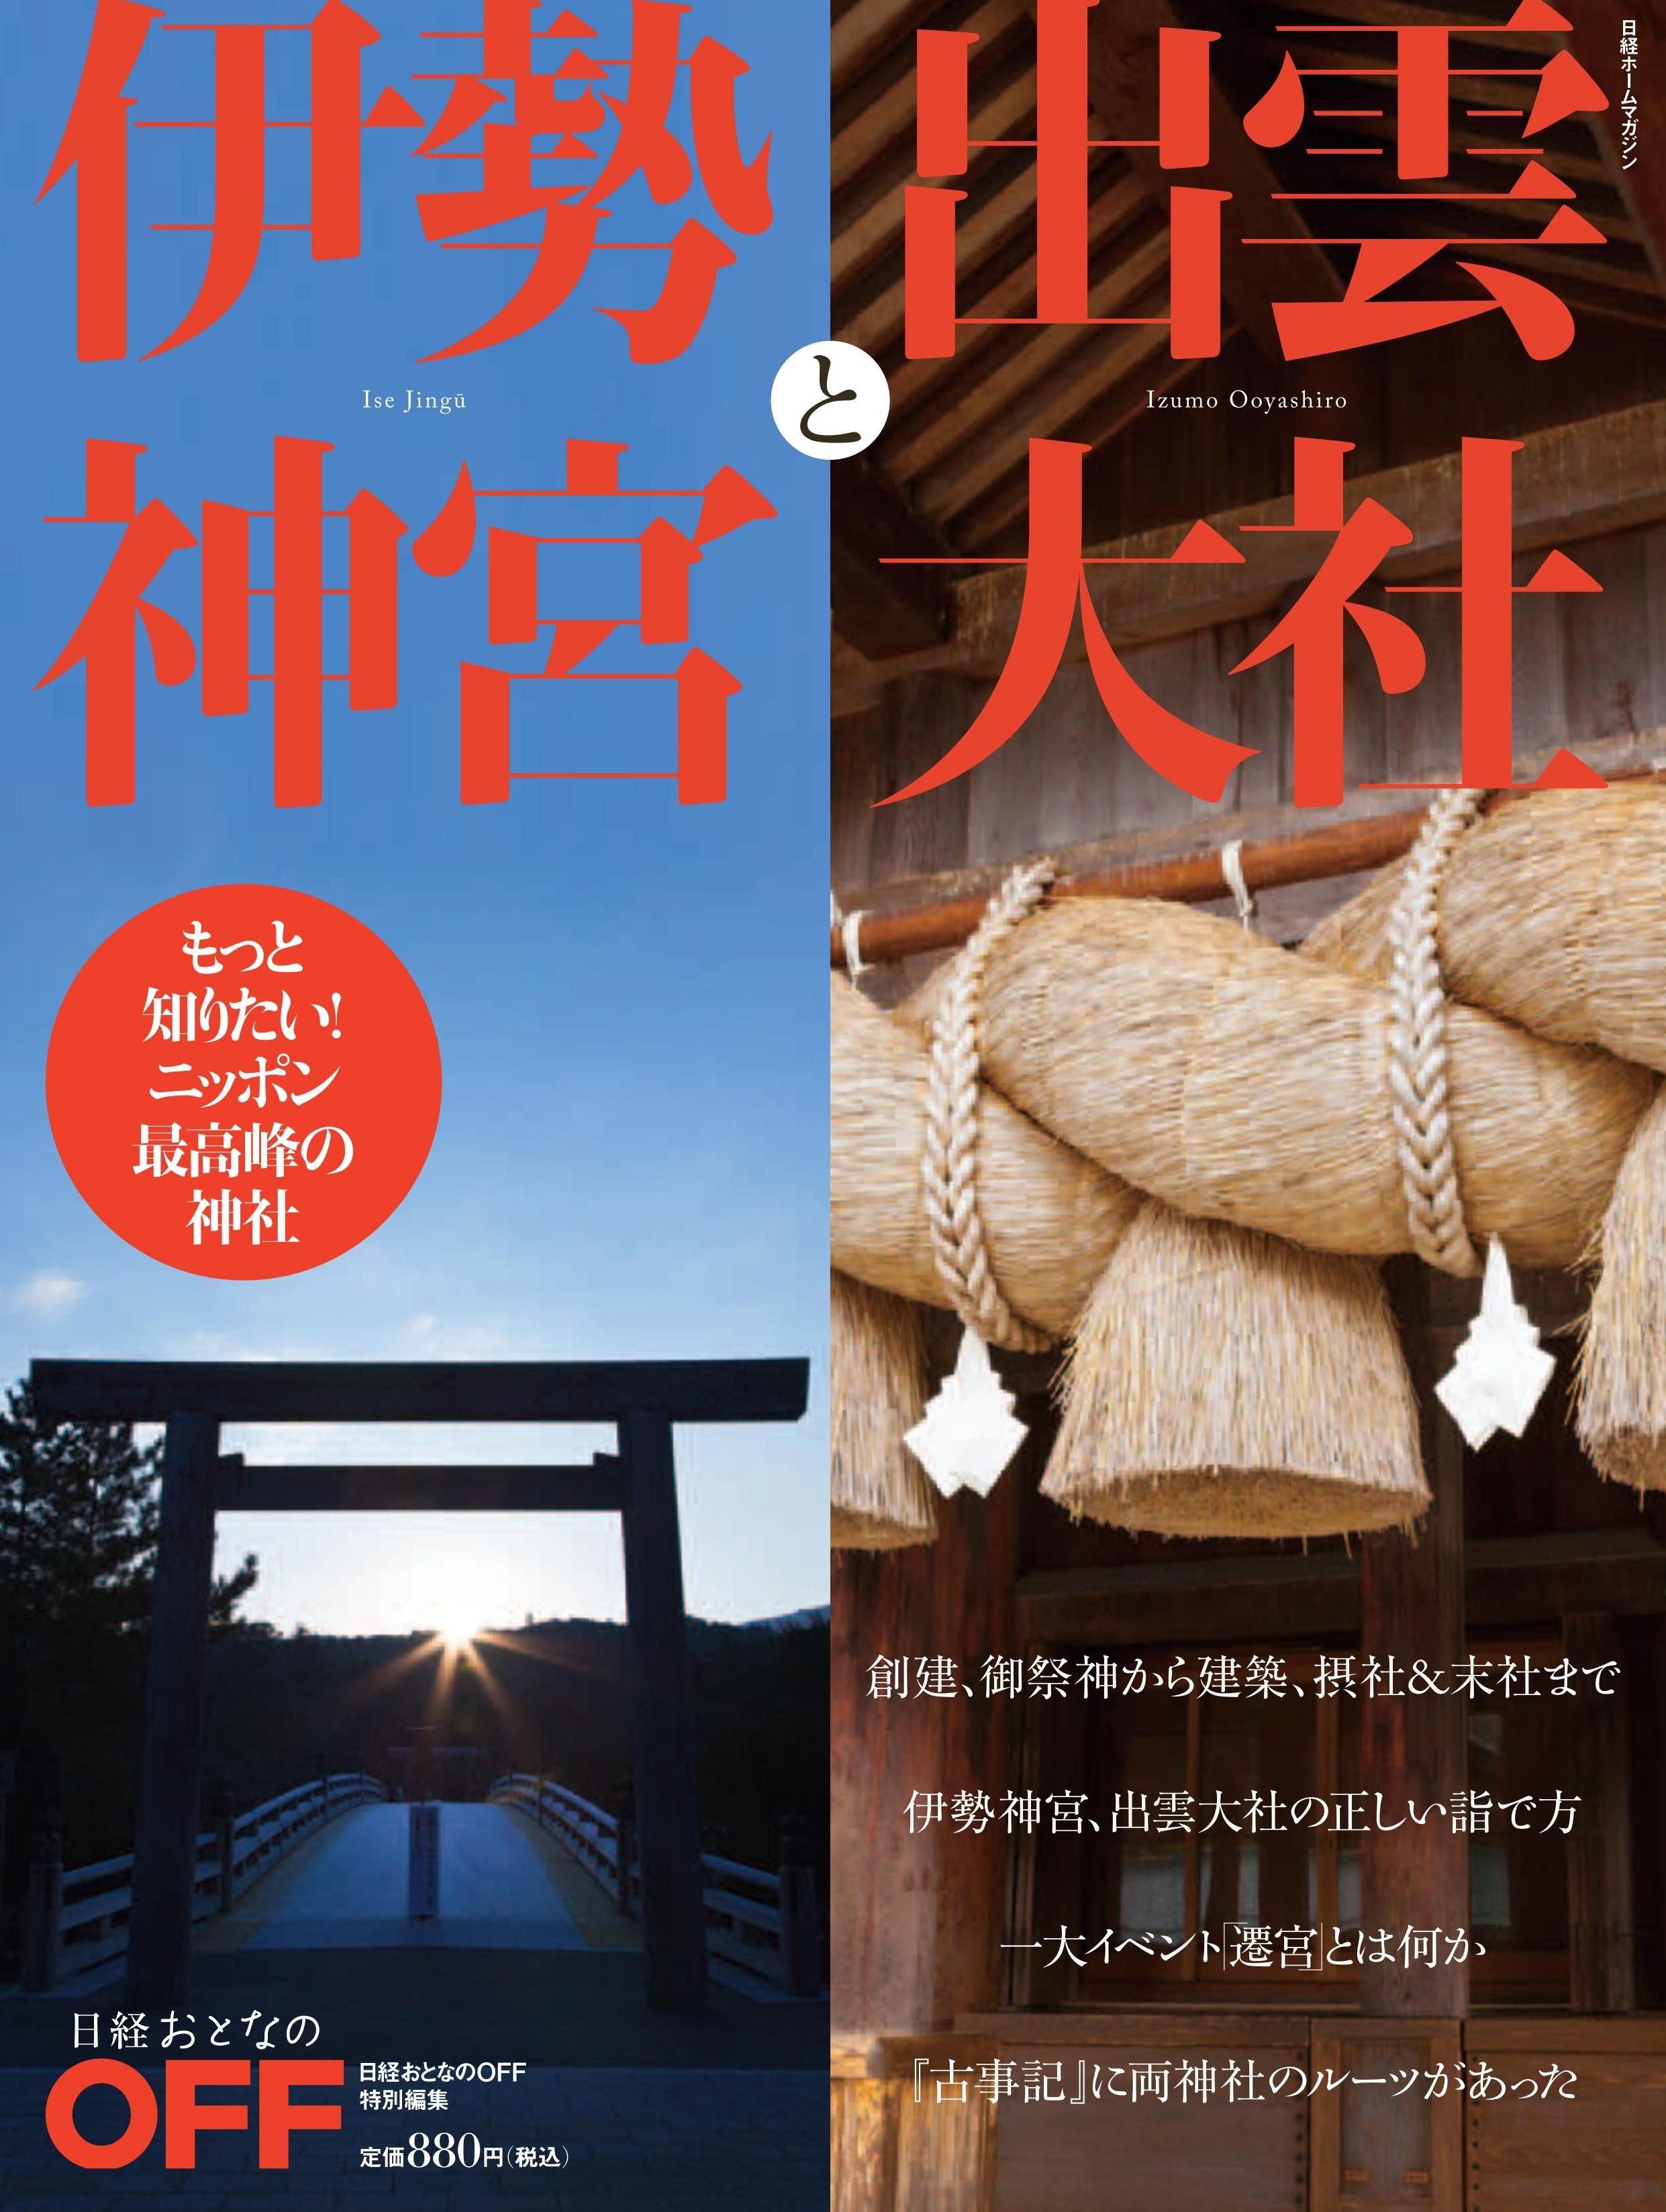 伊勢神宮と出雲大社 もっと知りたい!ニッポン最高峰の神社